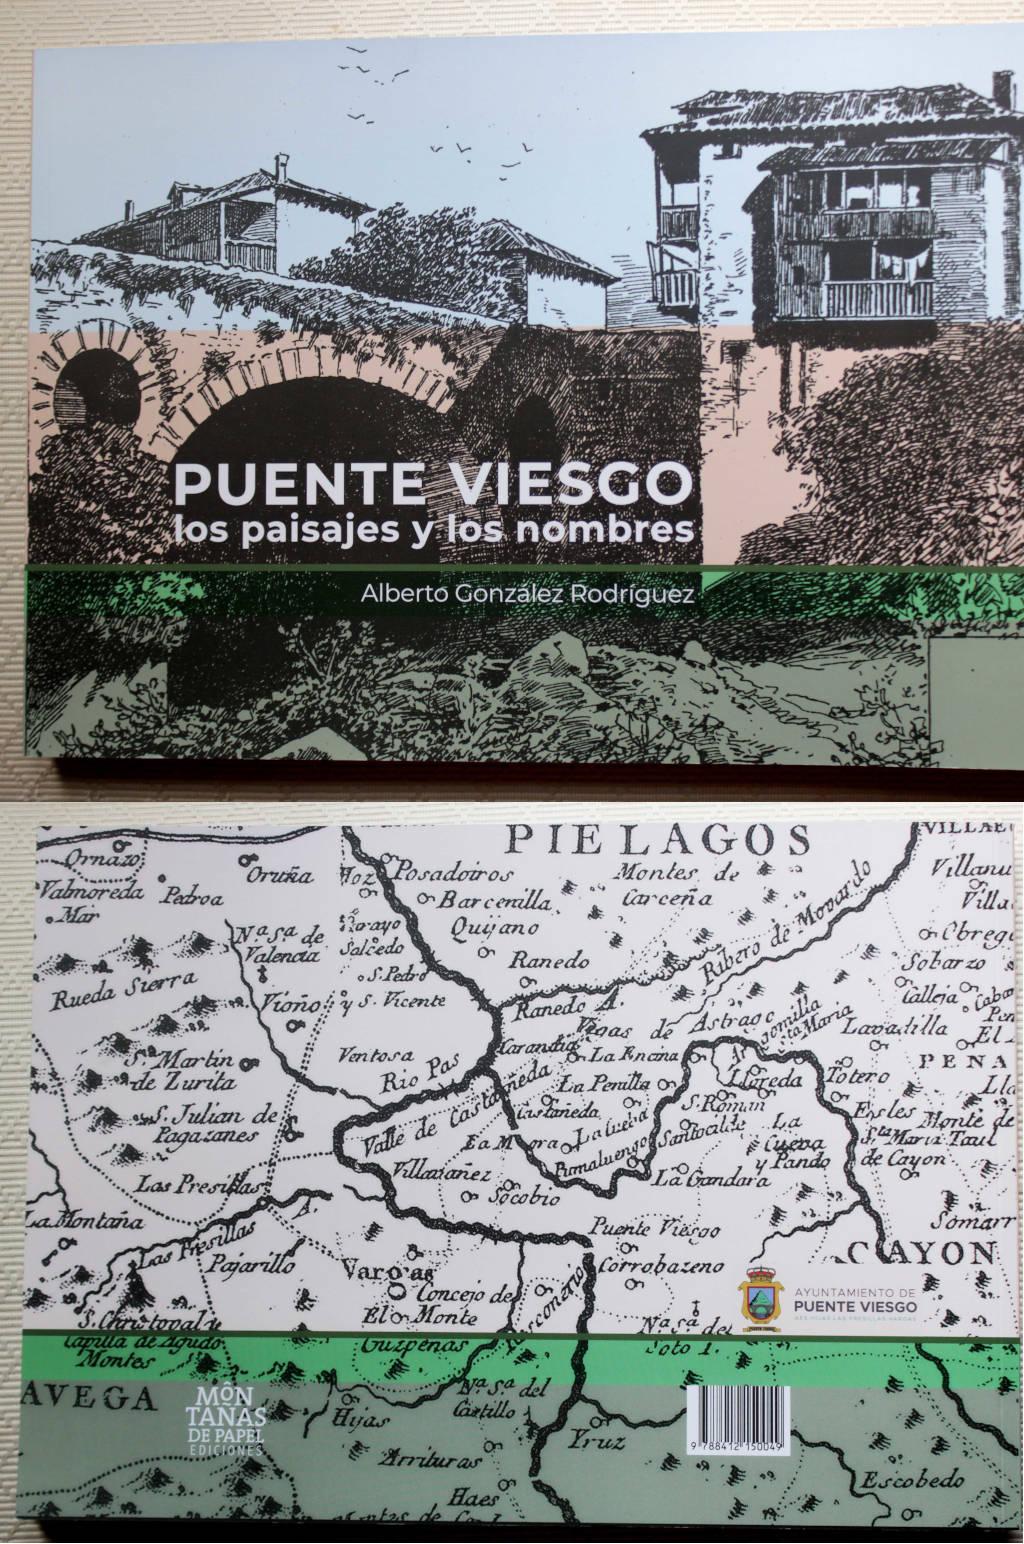 Puente Viesgo: los paisajes y los nombre. Toponimia cantabria